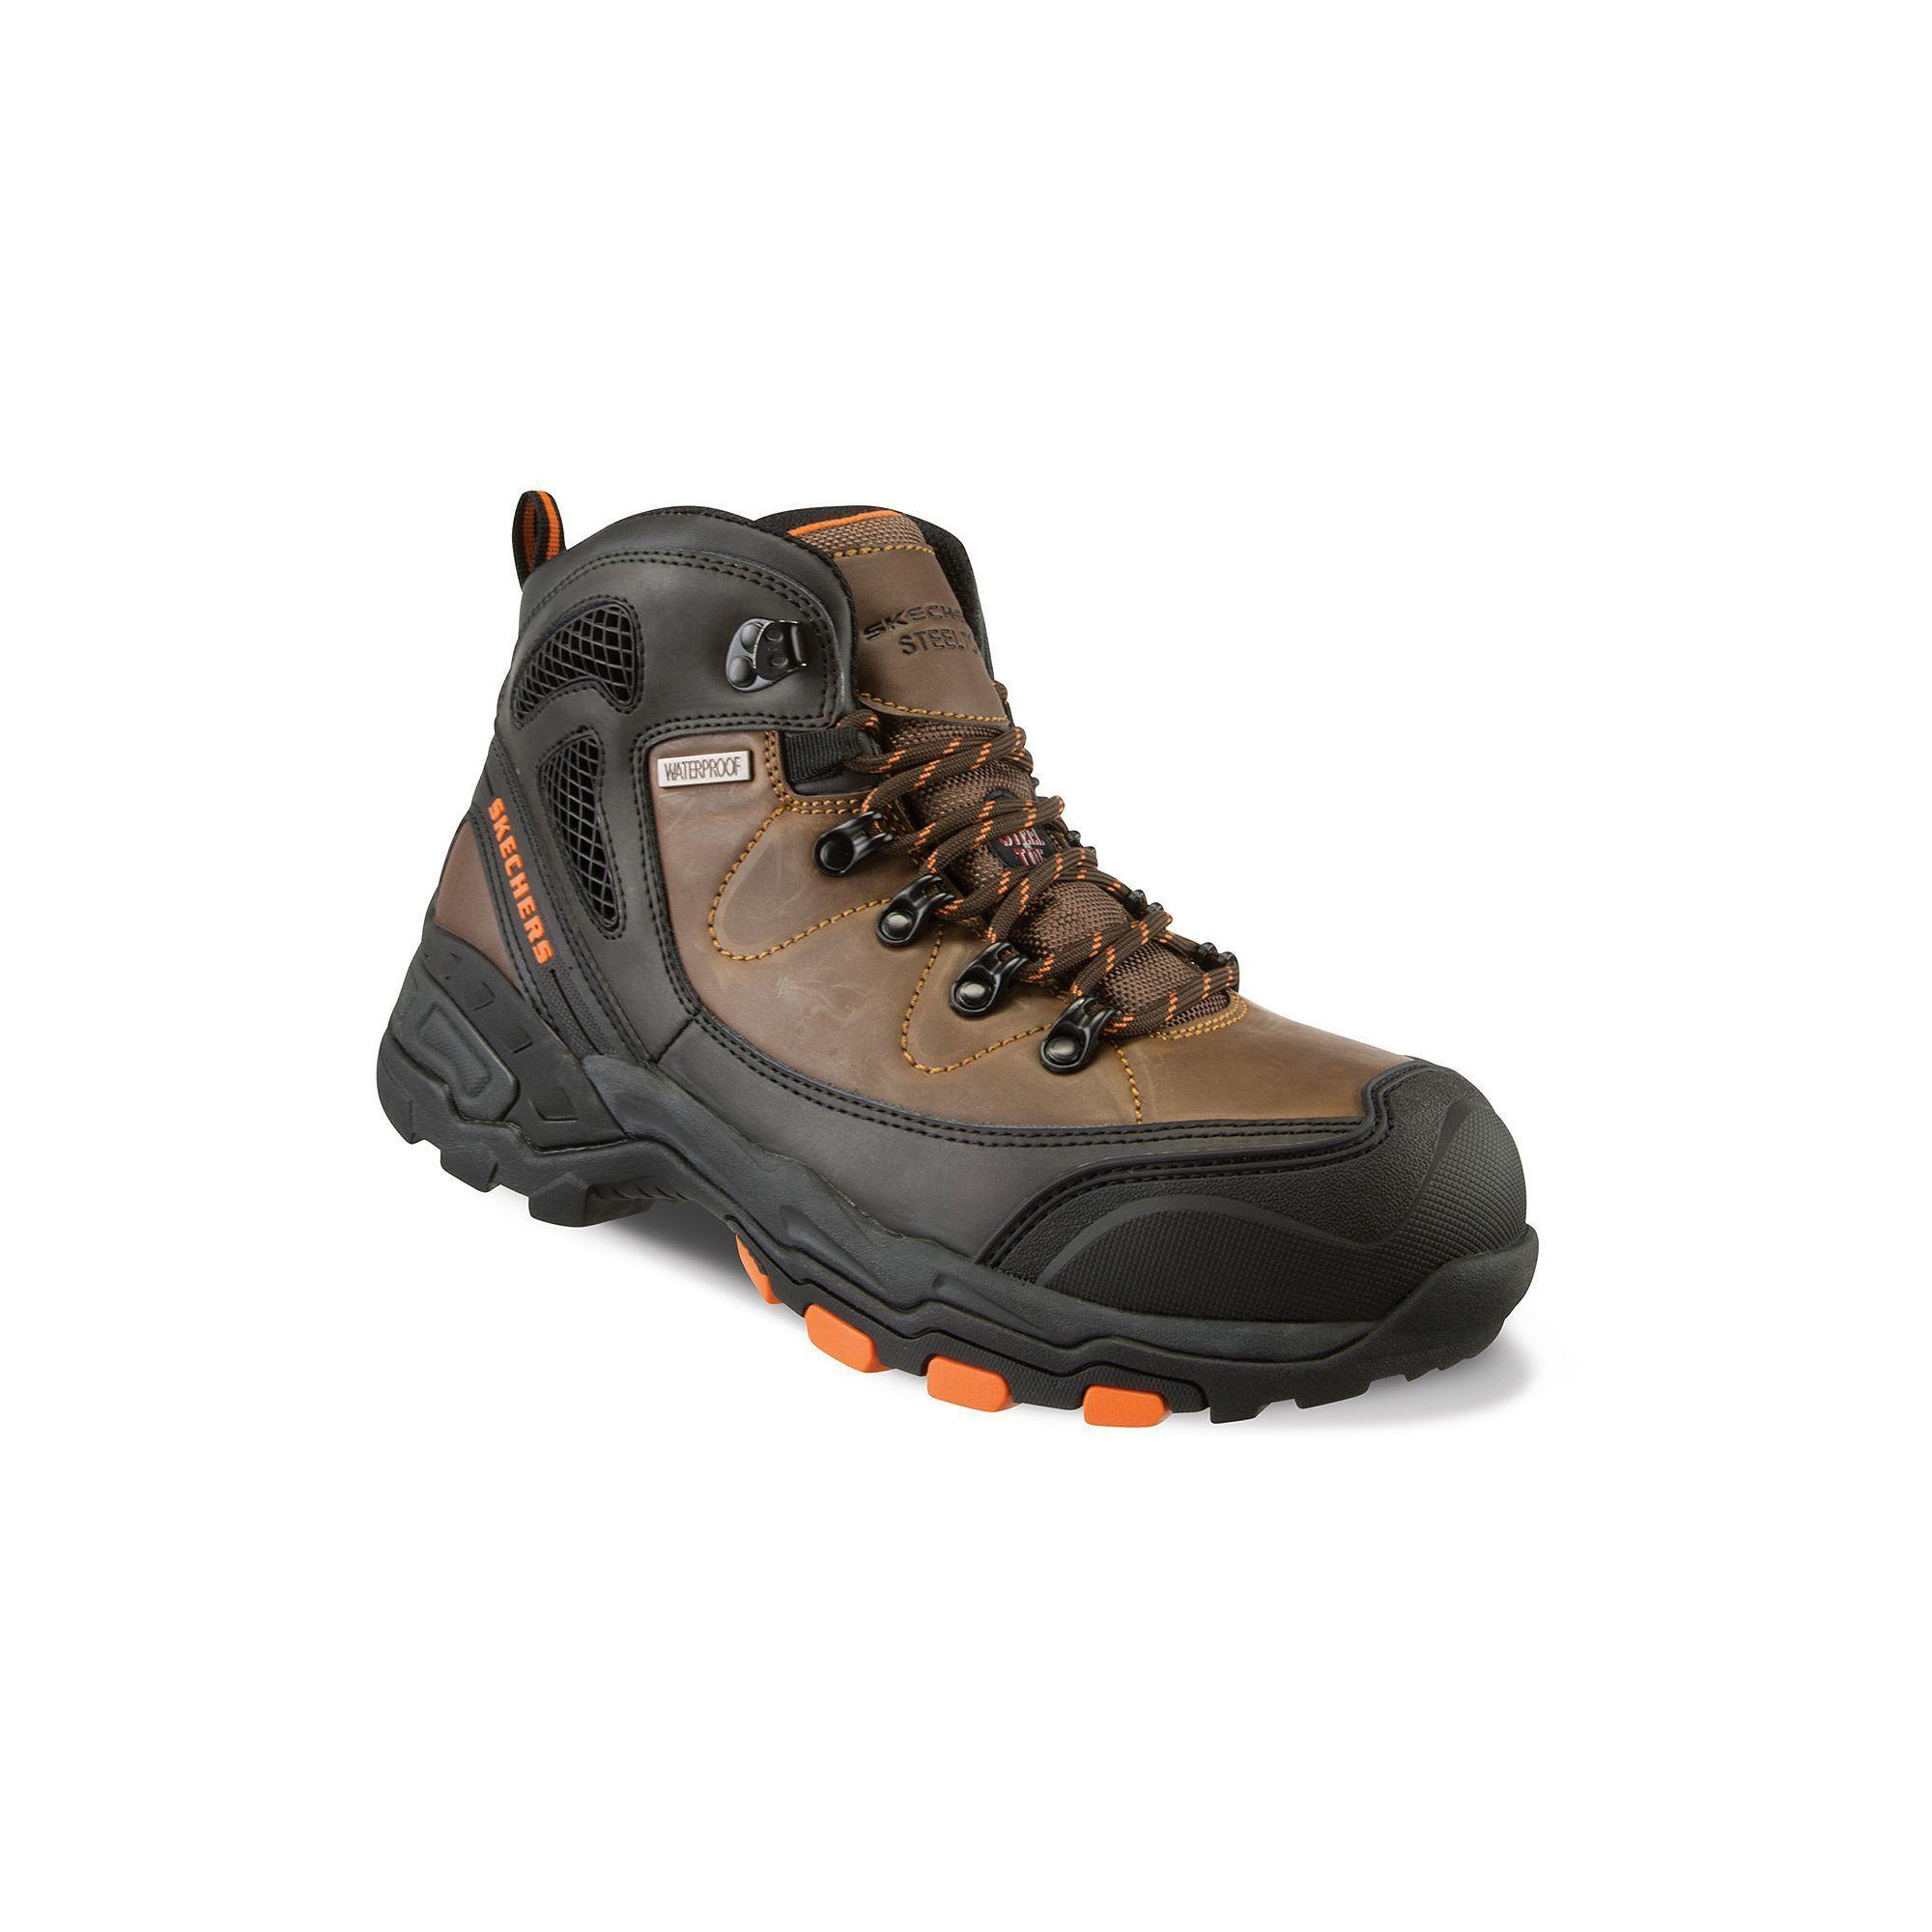 9ec157c7c7f Skechers Relaxed Fit Surren Men's Waterproof Steel-Toe Boots | Products